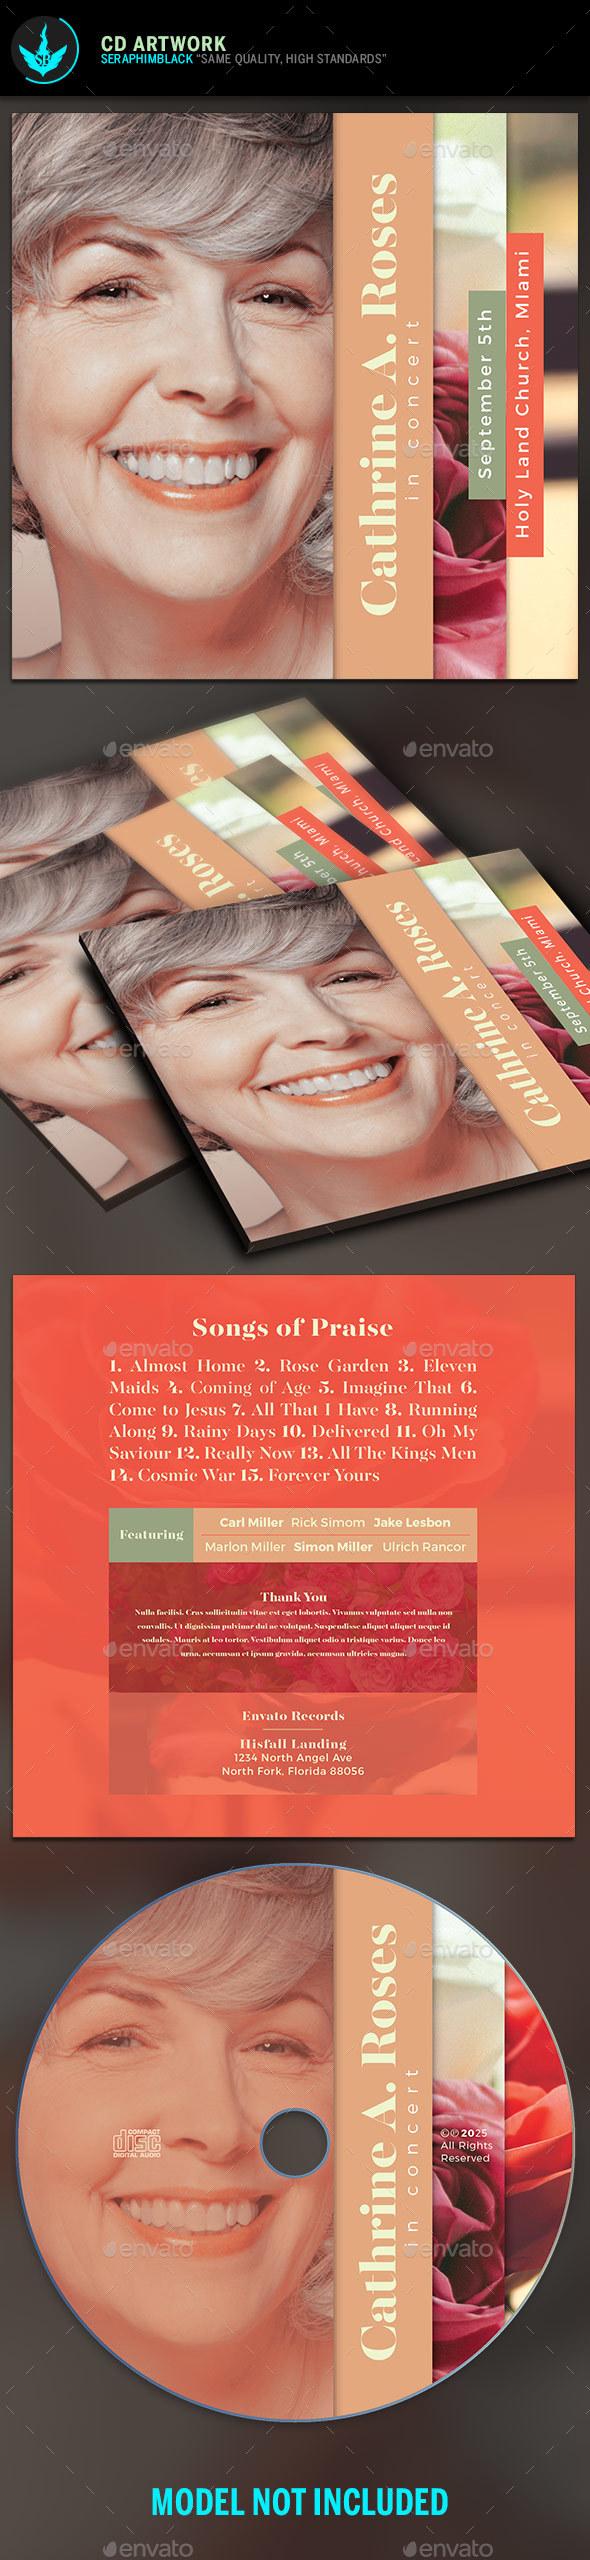 Red Rose CD Artwork Template - CD & DVD Artwork Print Templates